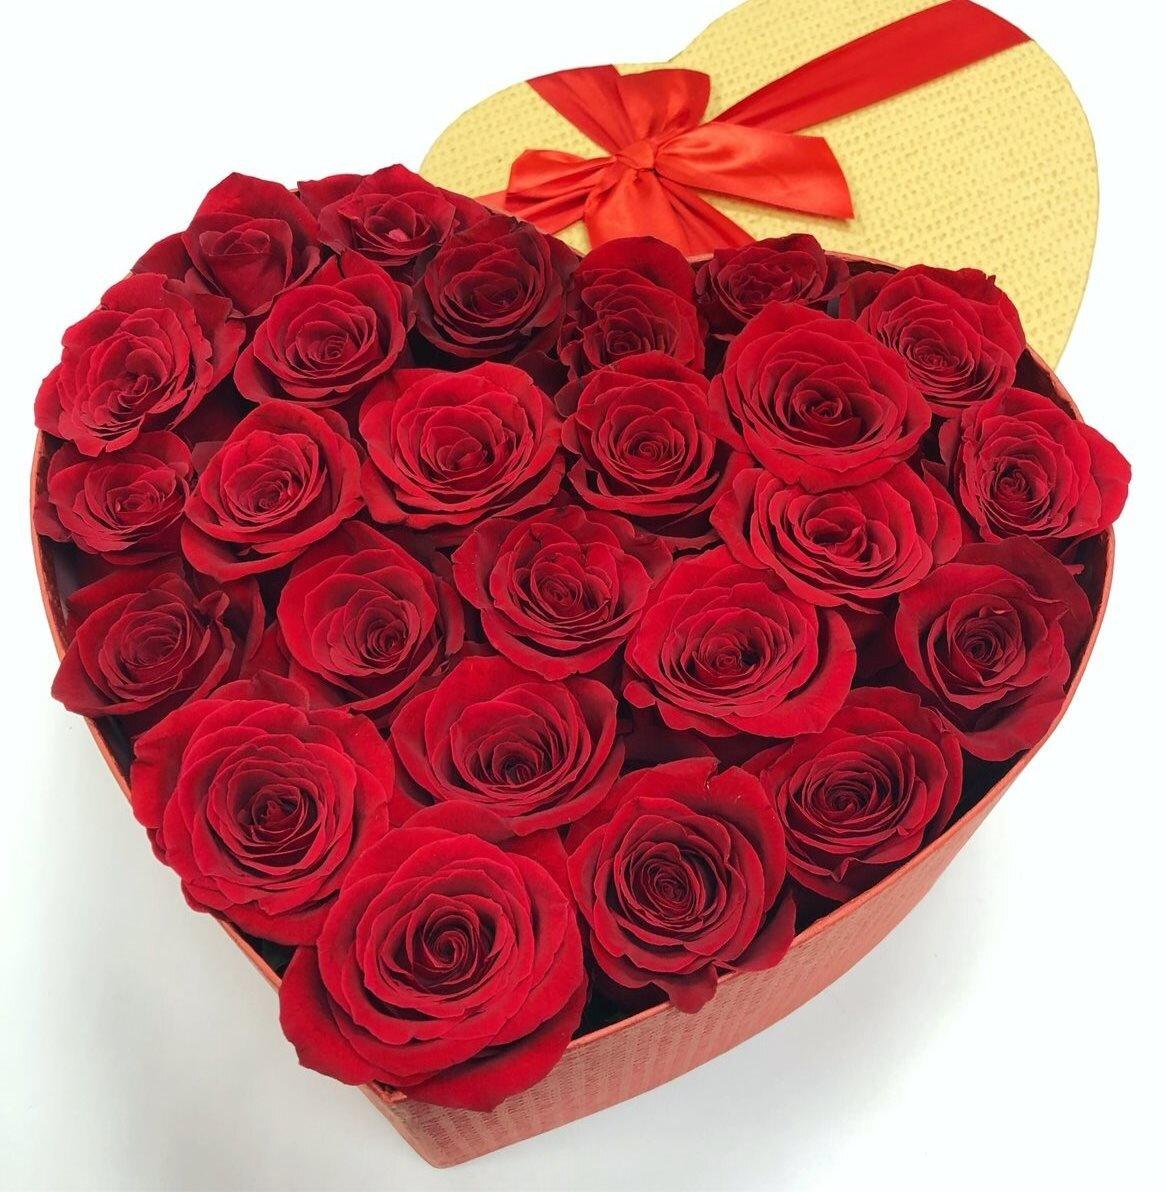 Коробка сердце из 25 красных роз